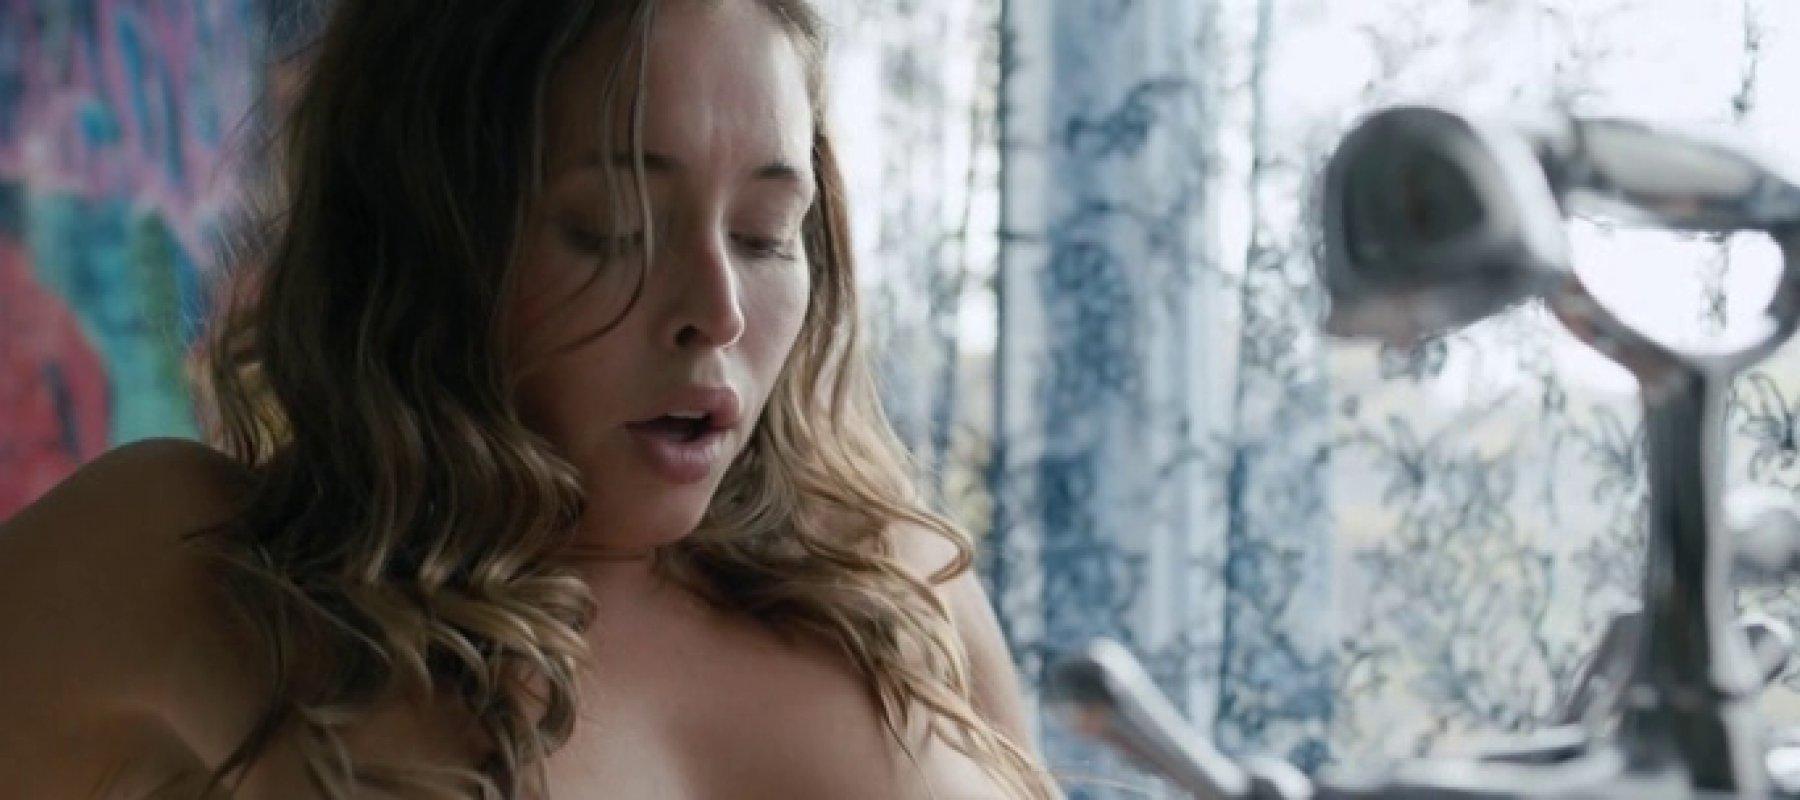 Mejores peliculas del porno lesbico Las Escenas De Sexo Lesbico Mas Calientes De La Gran Pantalla Mirales